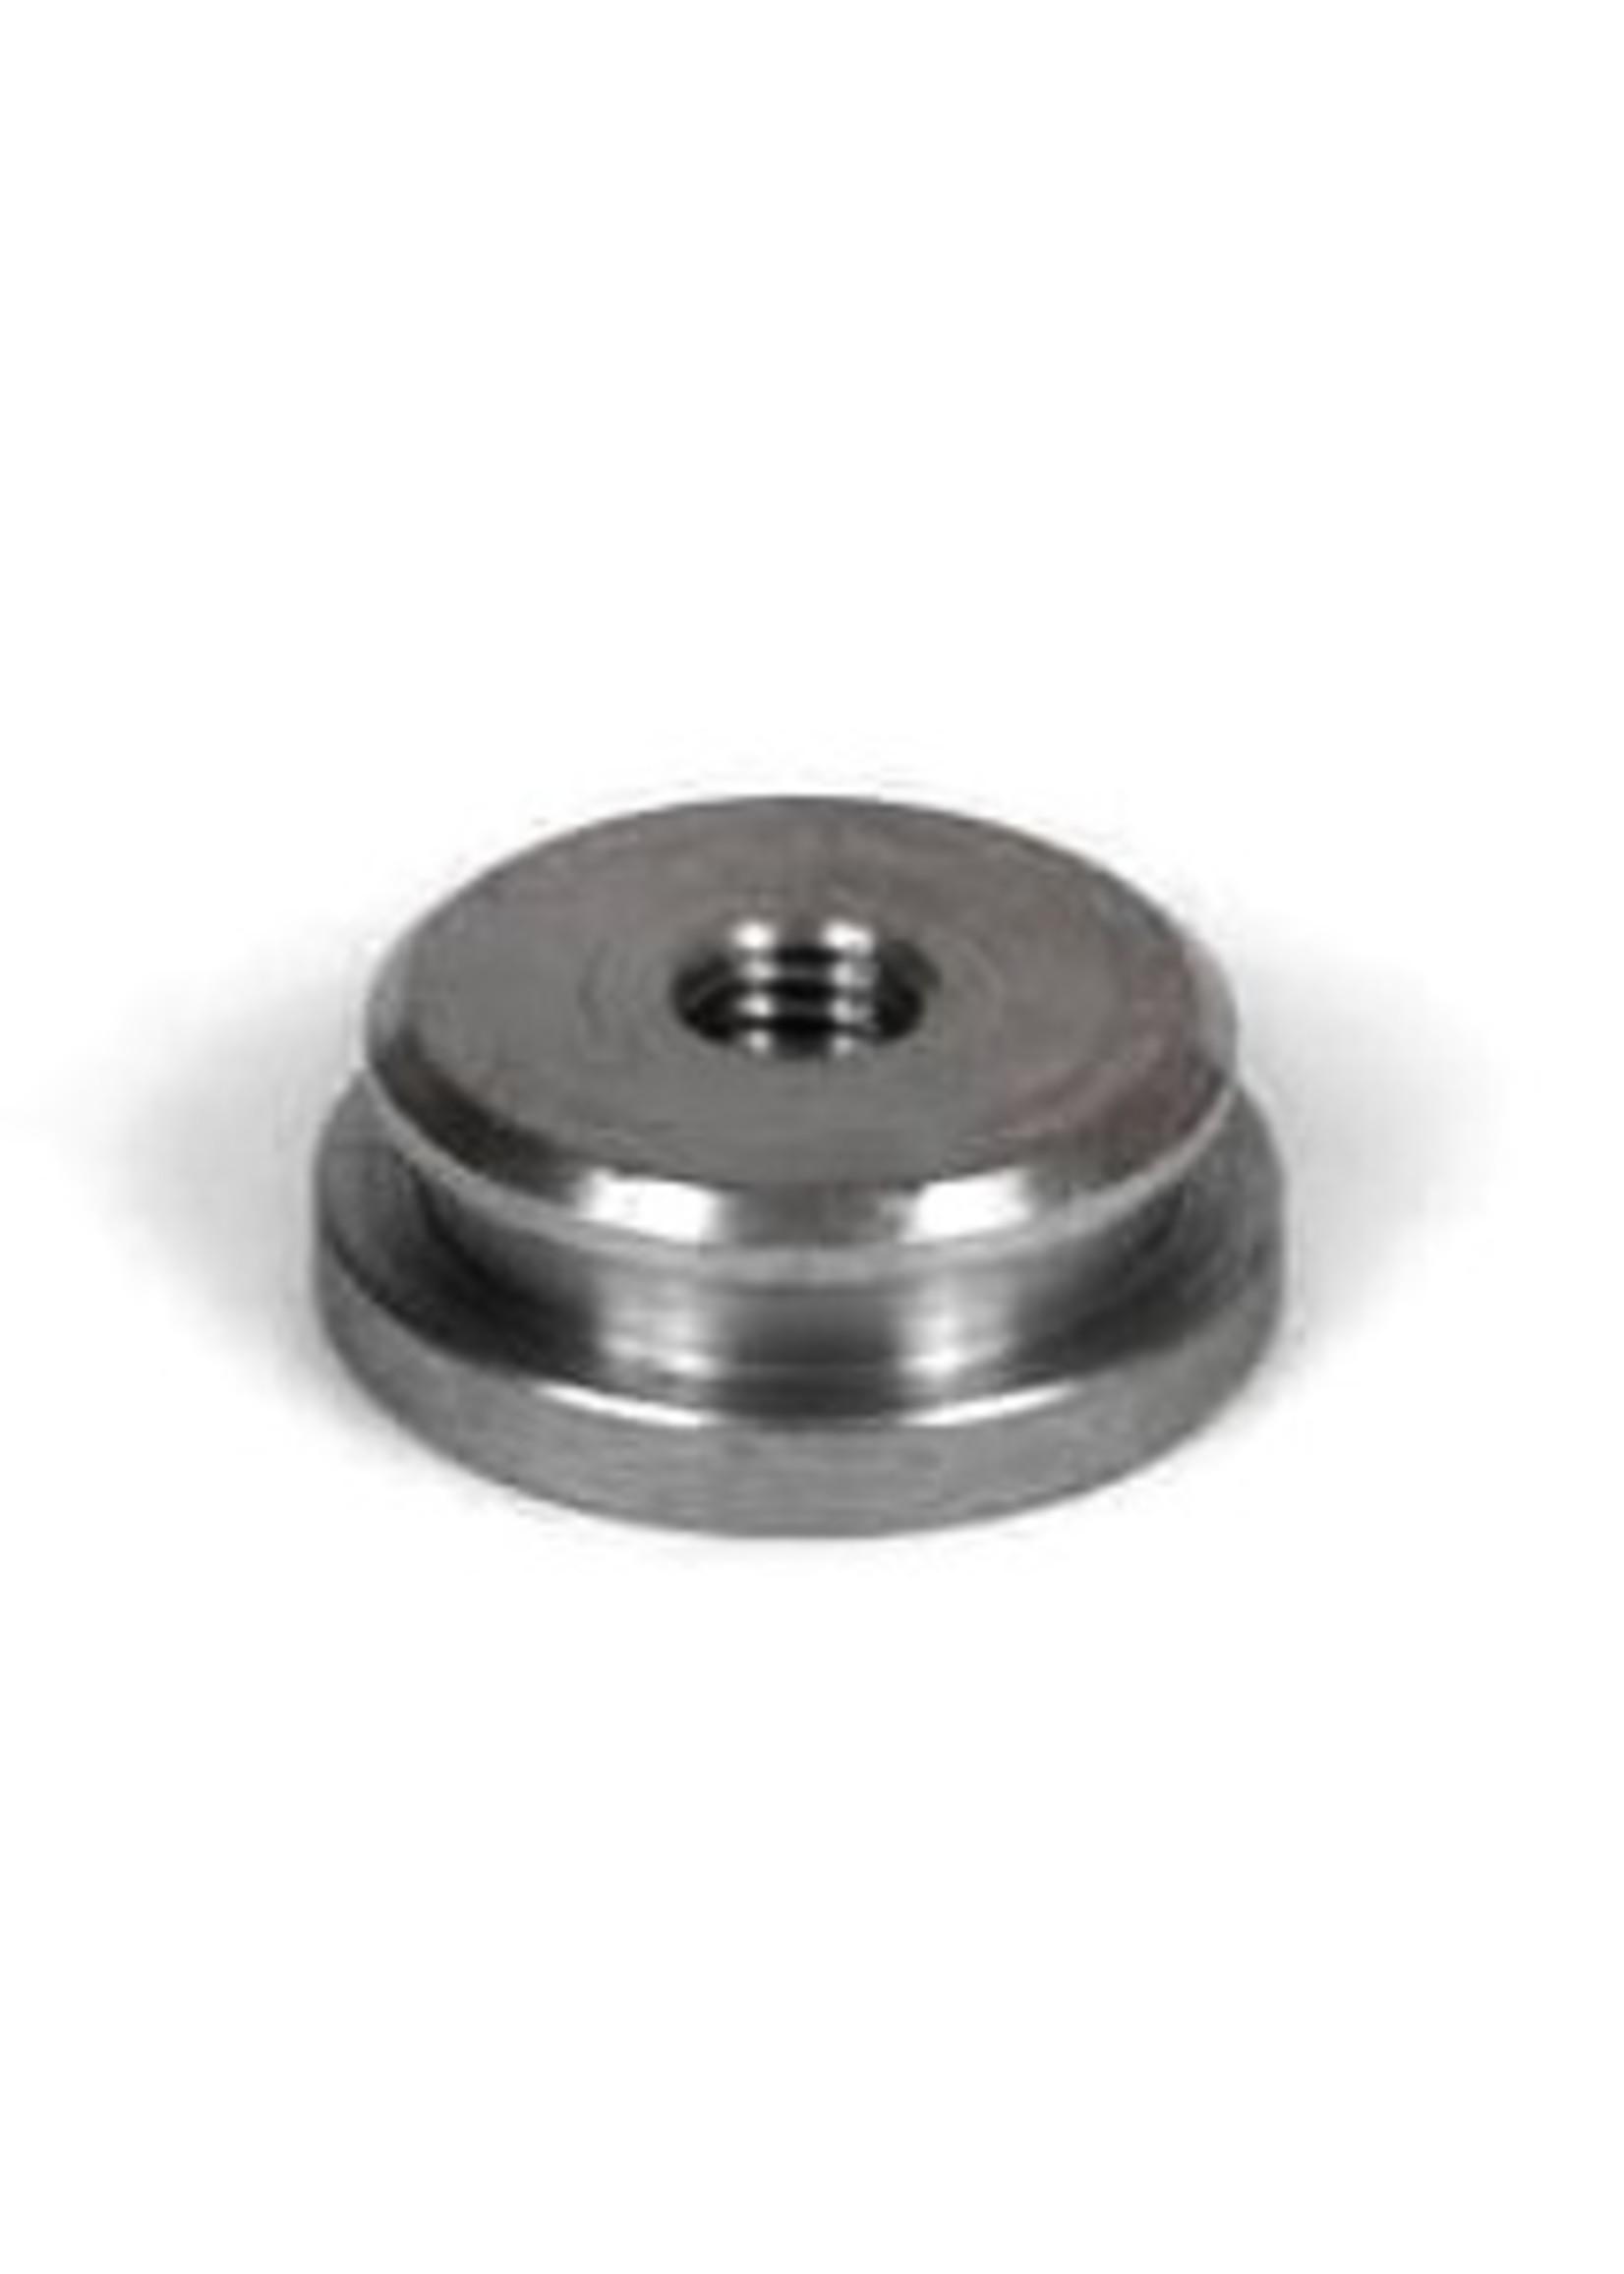 Weihrauch HW 50 Piston Seal Adapter 8621 & Screw 8960